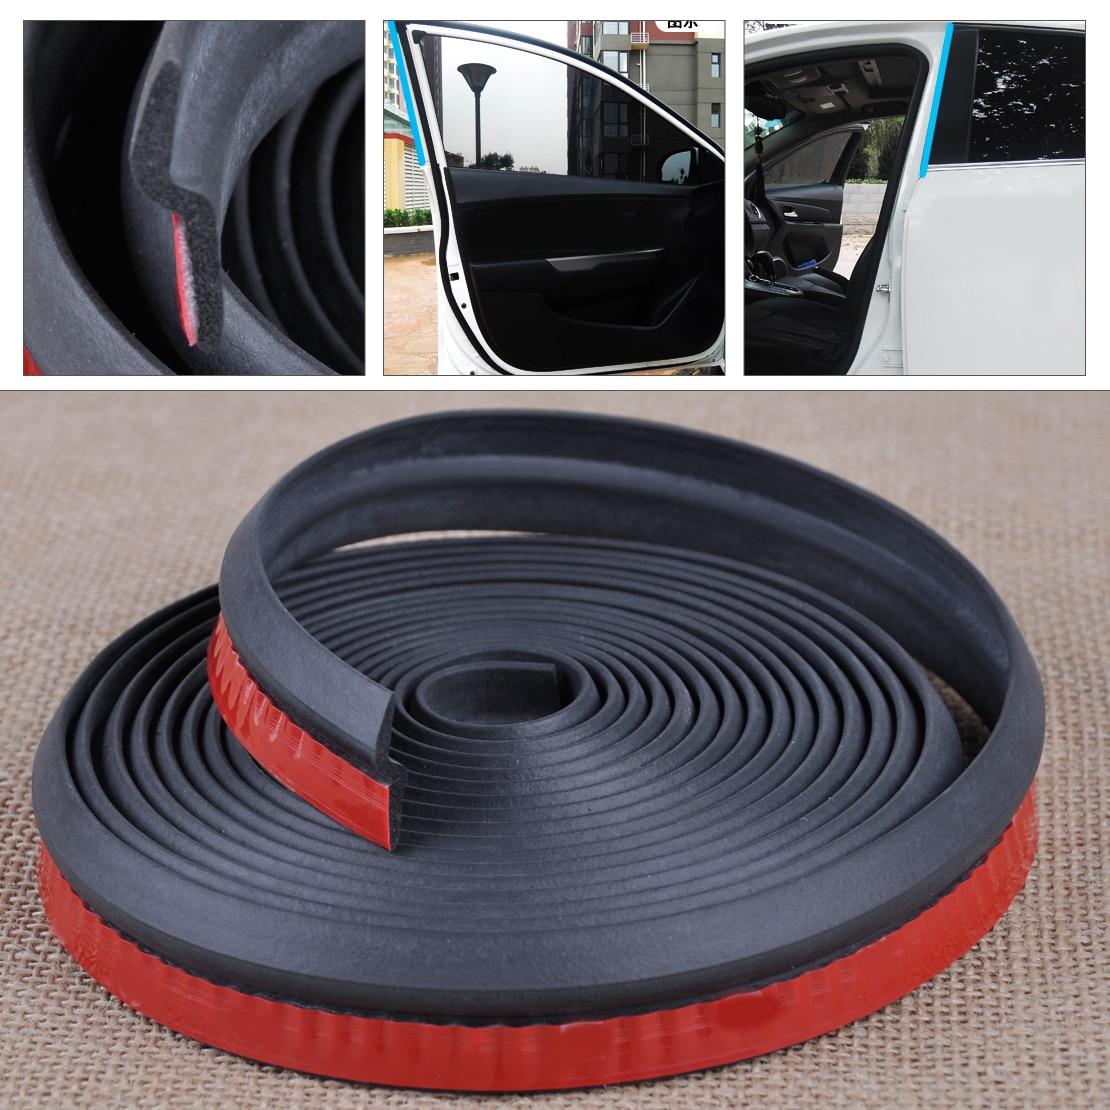 Citall 8 m/4 m/5 m d/p/z/b forma porta do carro borda de borracha vedação weatherstrip oco à prova de som dustproof moldando guarnição protetor